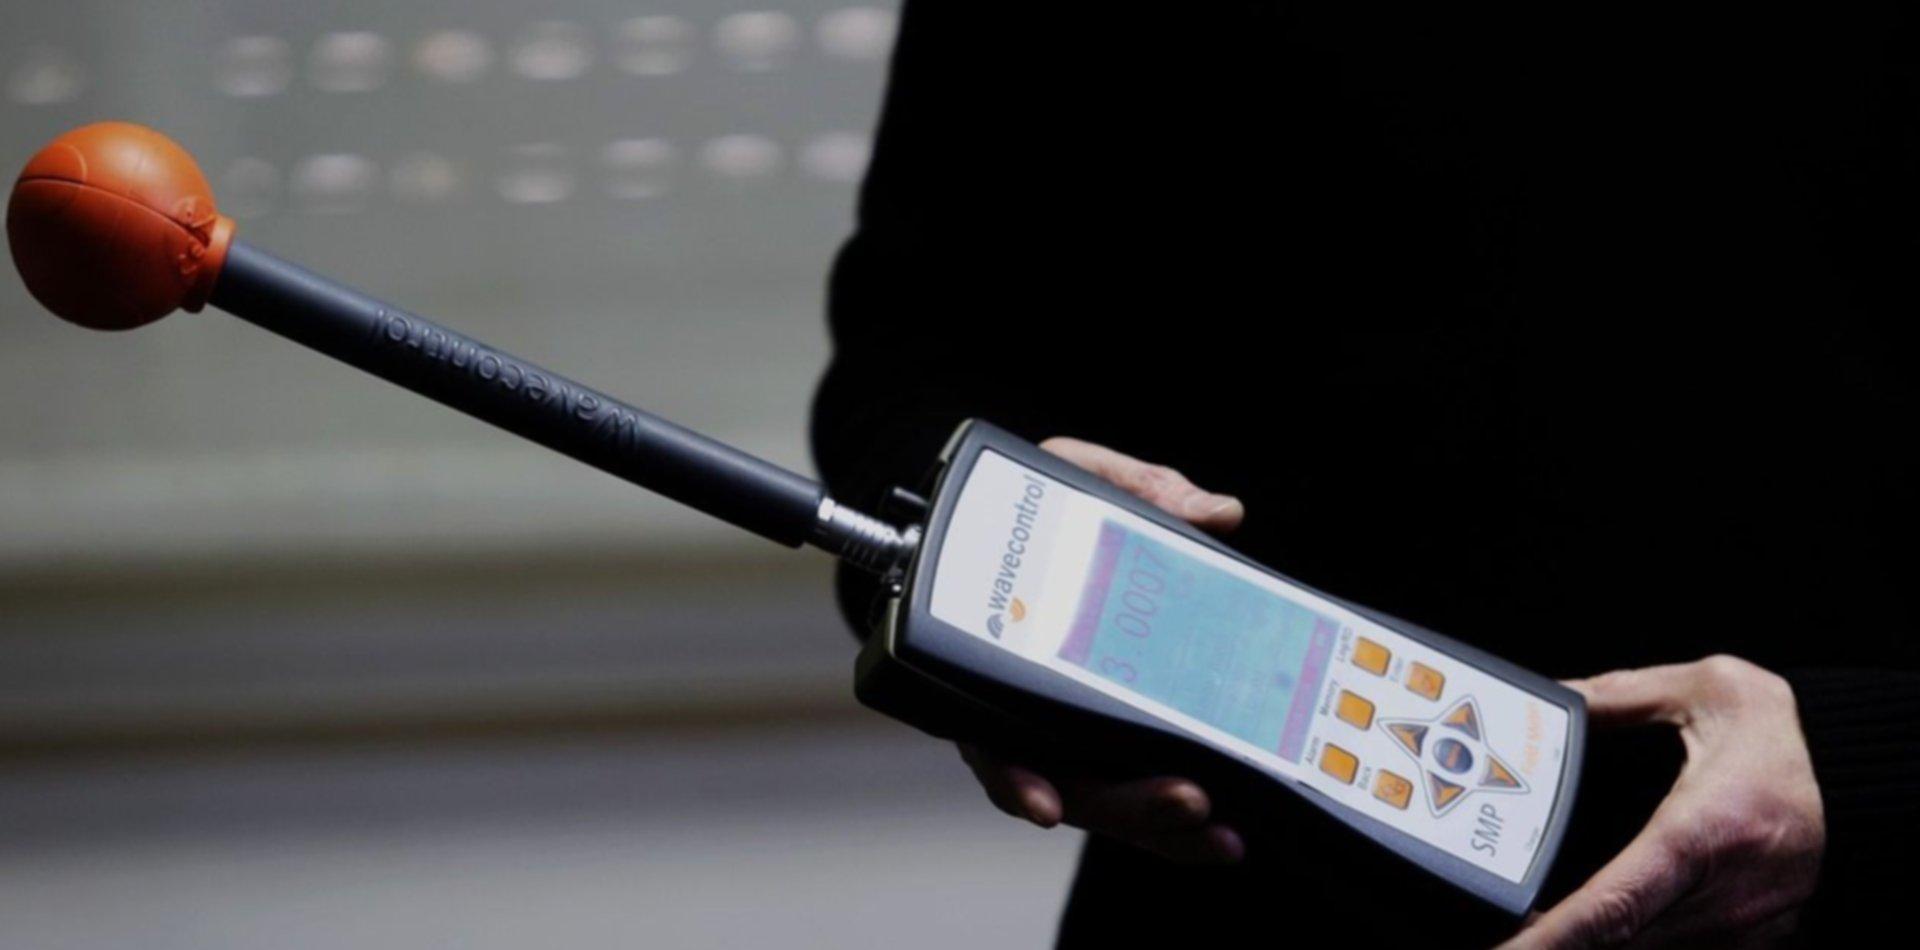 En la UNLP analizan cuánto daño provocan las radiaciones de la tecnología que usamos